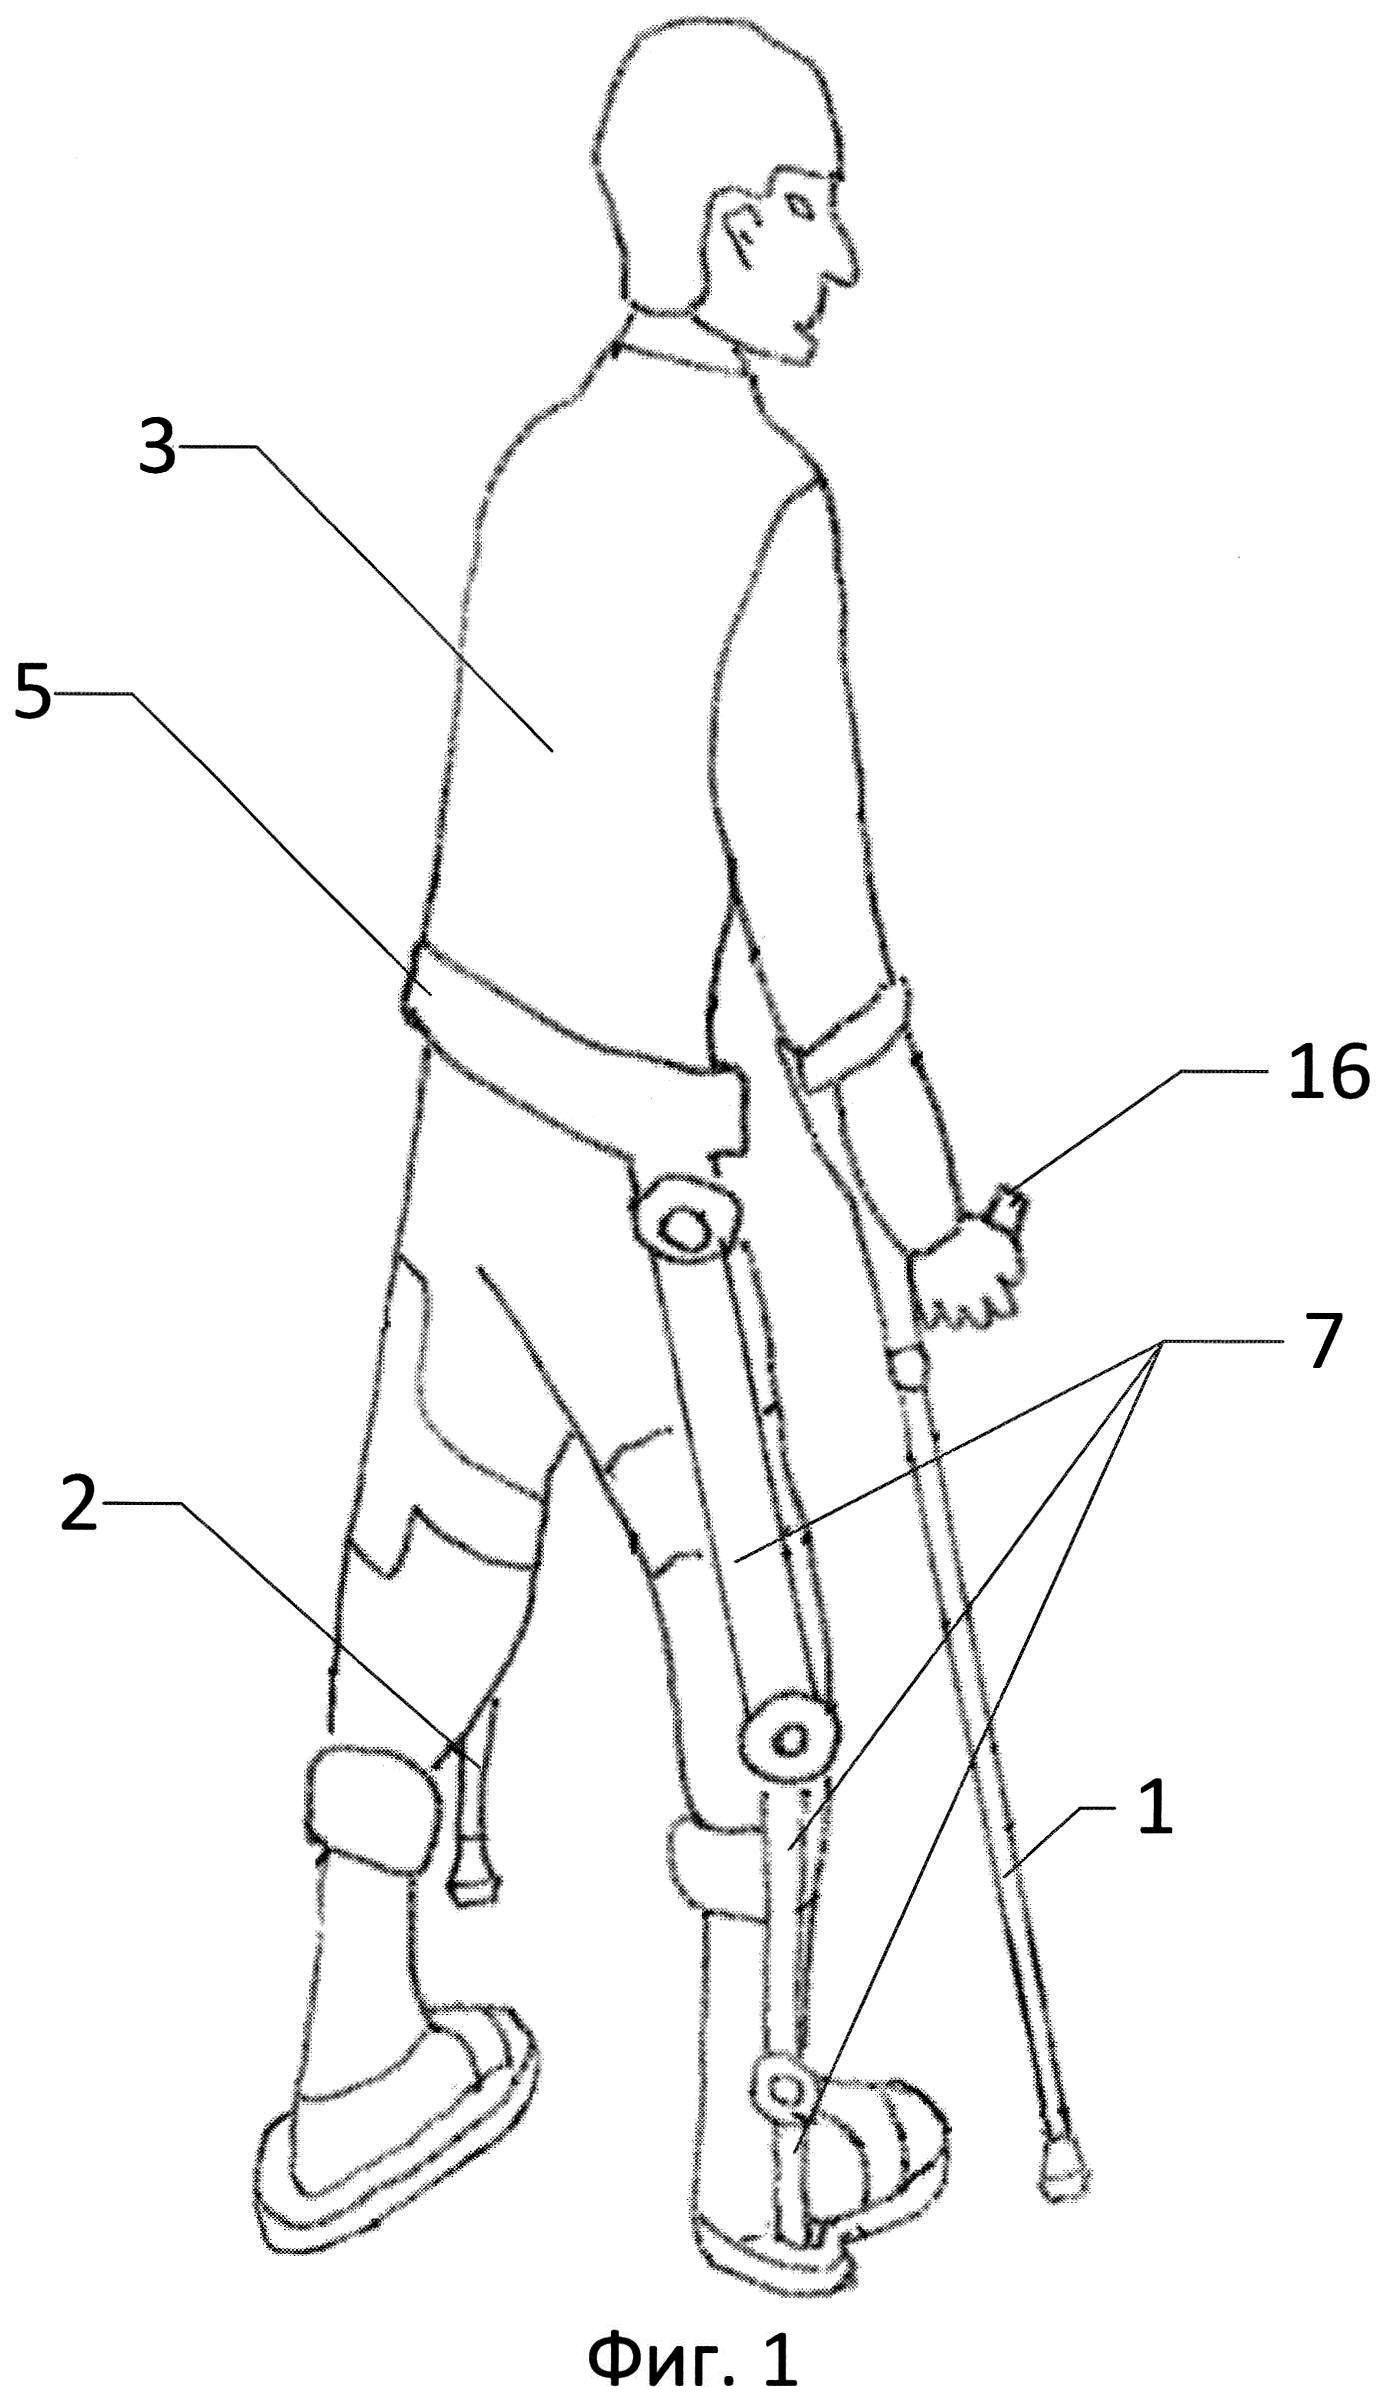 Комплект костылей пользователя для управления экзоскелетом